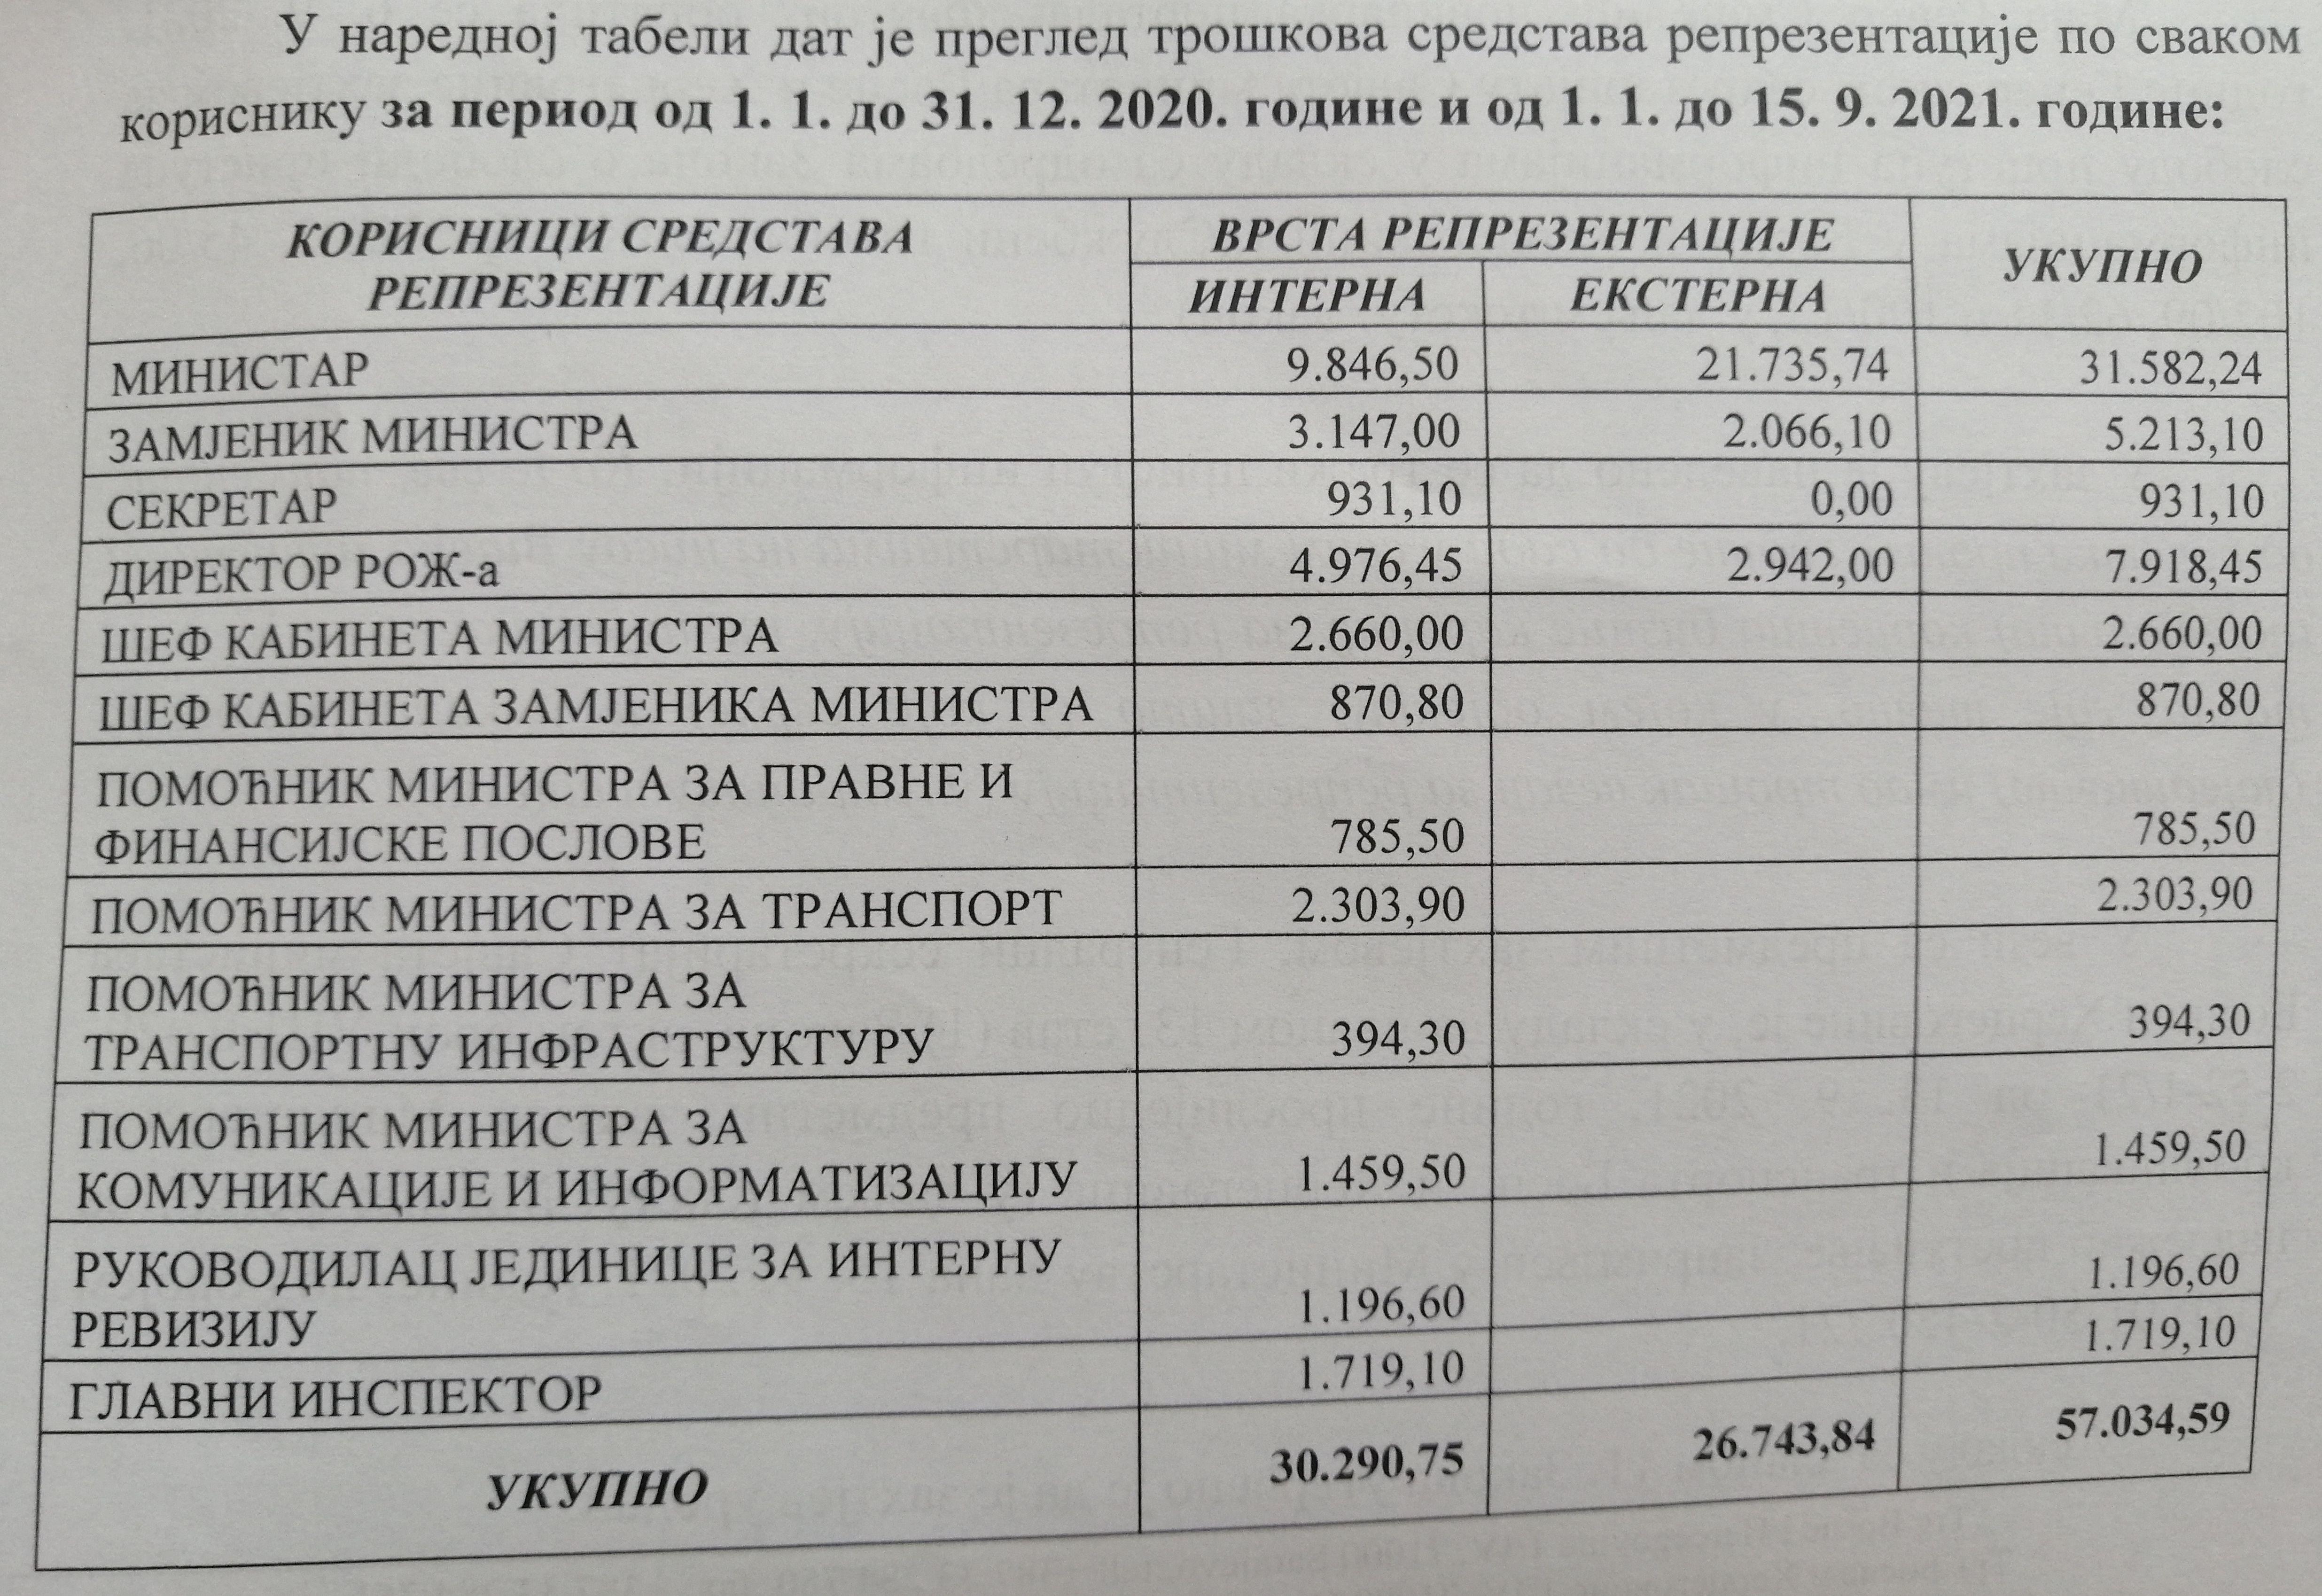 Ministarstvo komunikacija i prometa BiH